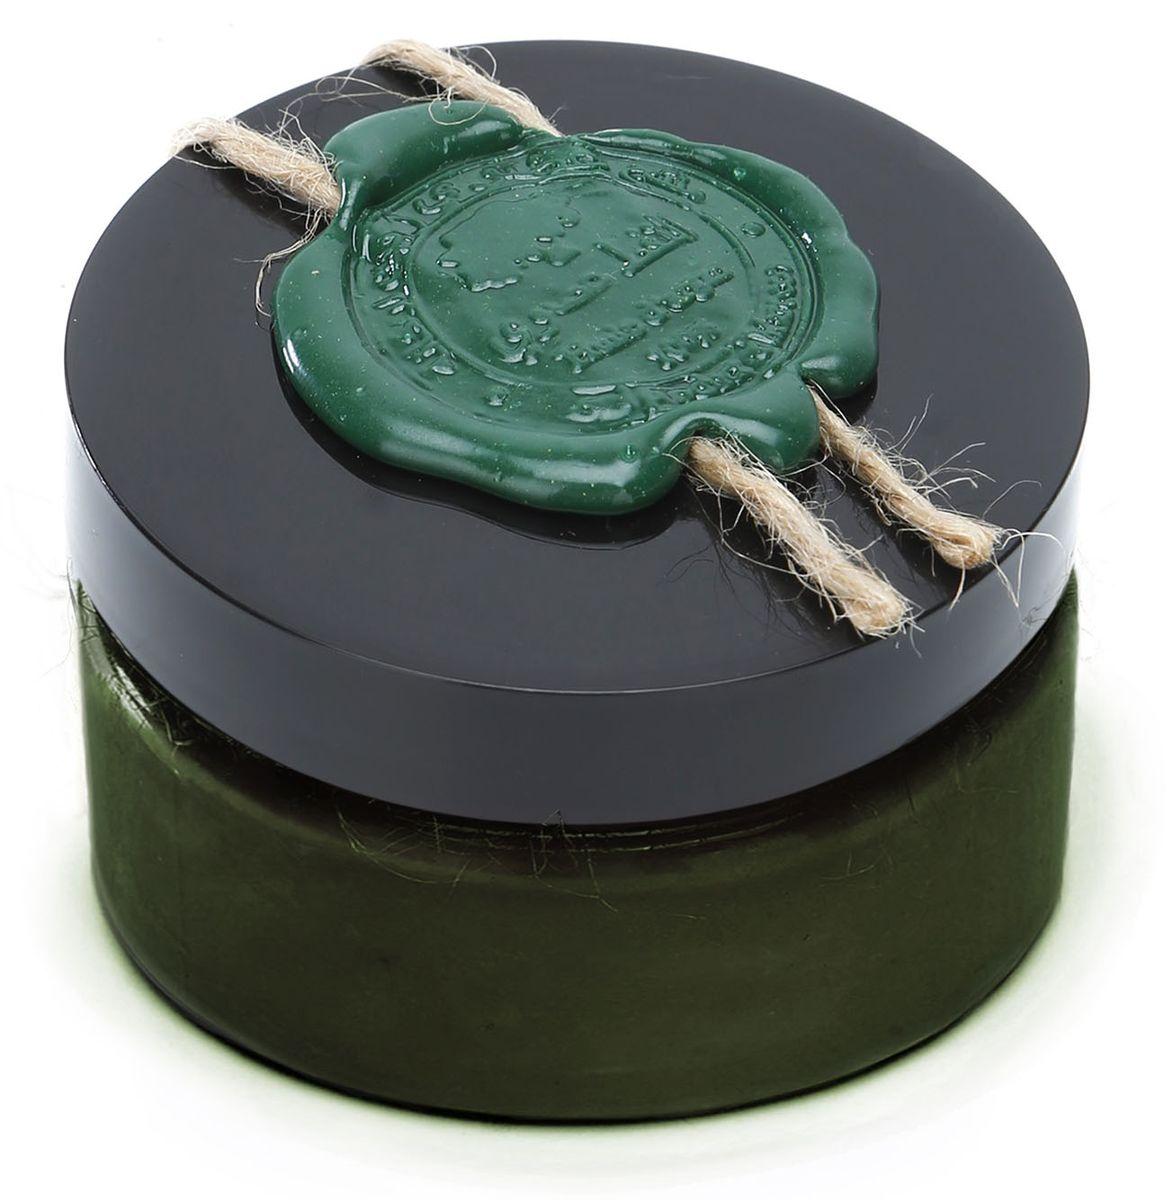 Huilargan Марокканское черное мыло Бельди с маслом эвкалипта, 50 гFS-00897Марокканское черное мыло Бельди обогащено маслом эвкалипта - это на все 100 натуральное косметическое мыло растительного происхождения. Это настоящее черное мыло - густая масса с приятным запахом, которая служит в 5 раз дольше аналогов, так как содержит меньше воды.Марокканское черное мыло - богато витамином Е, глубоко очищает кожу и поры, растворяет загрязнения и отмершие клетки; обладает увлажняющим, успокаивающим и смягчающим свойствами; подходит для всех типов кожи; не раздражает и не сушит кожу. В Марокко используют черное мыло в основном в хаммамах, но его также можно использовать в ванной.